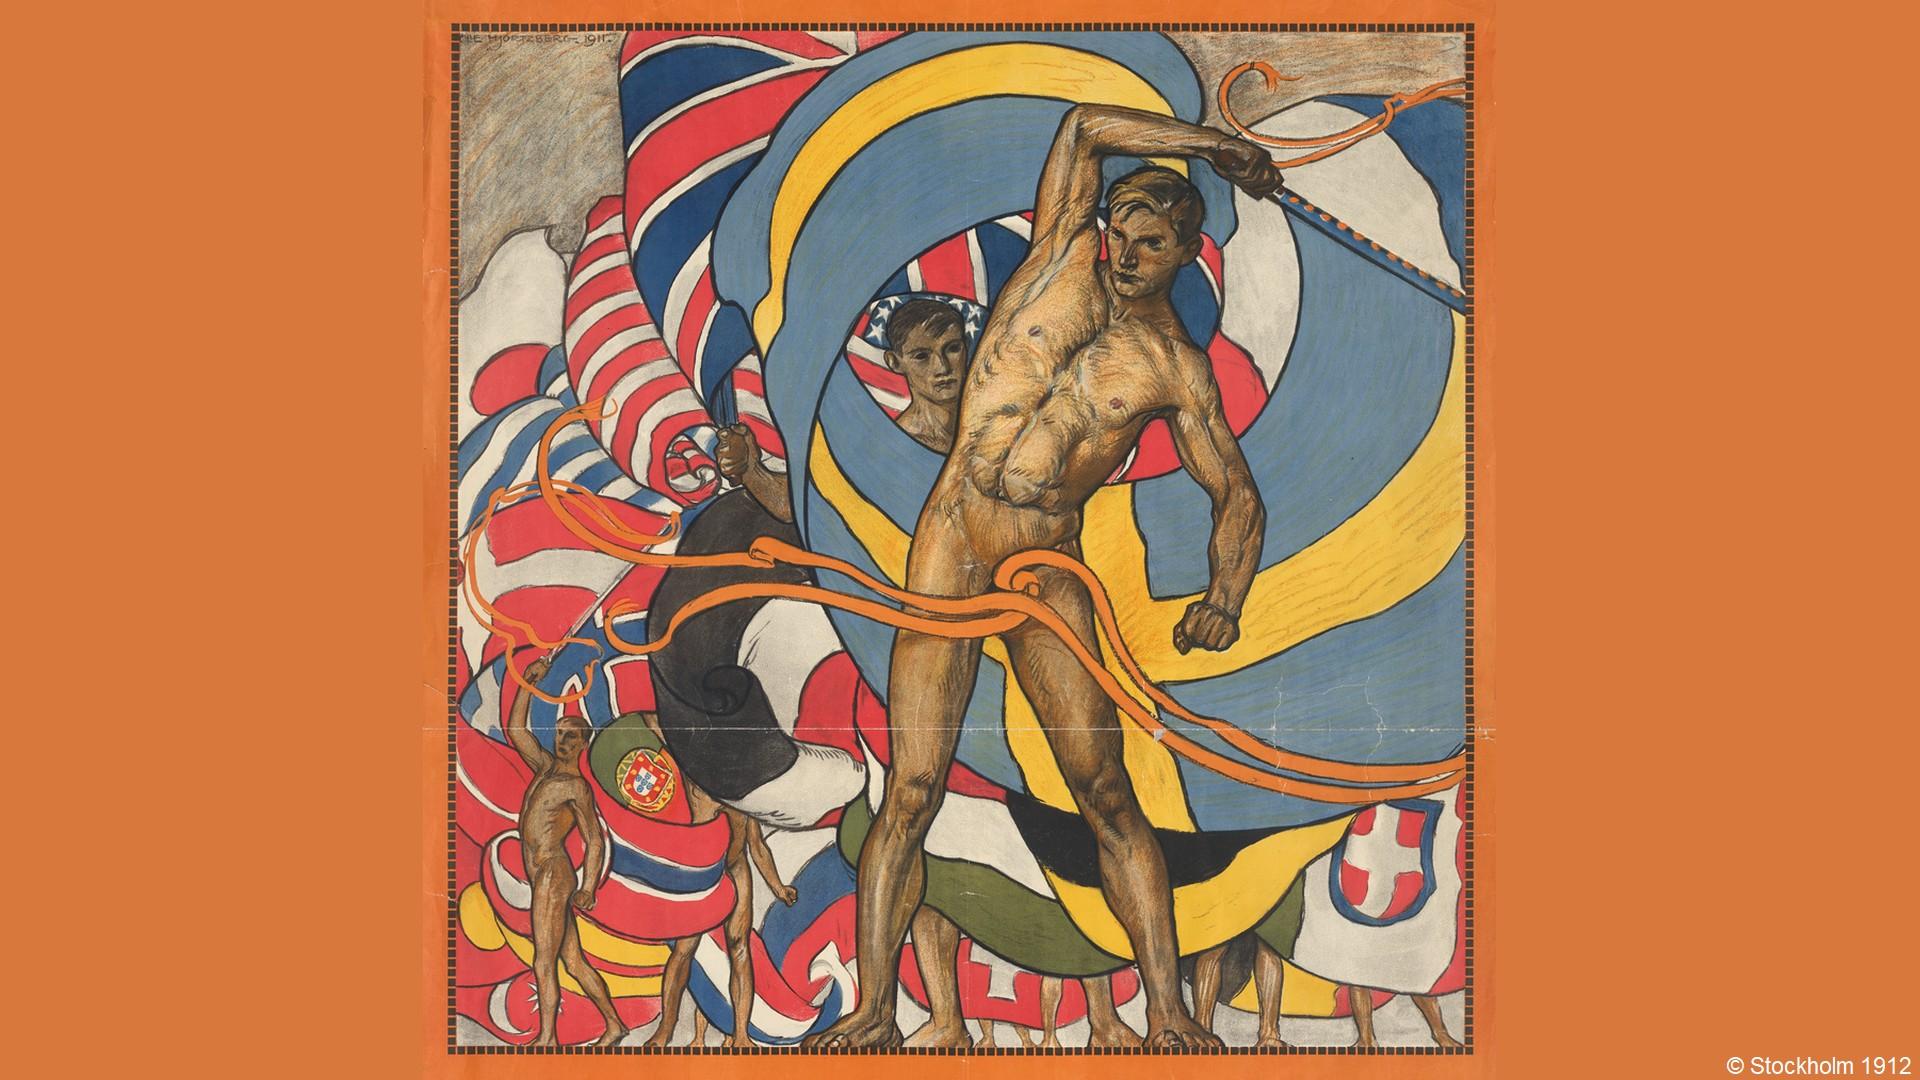 Jeux Stockholm 1912